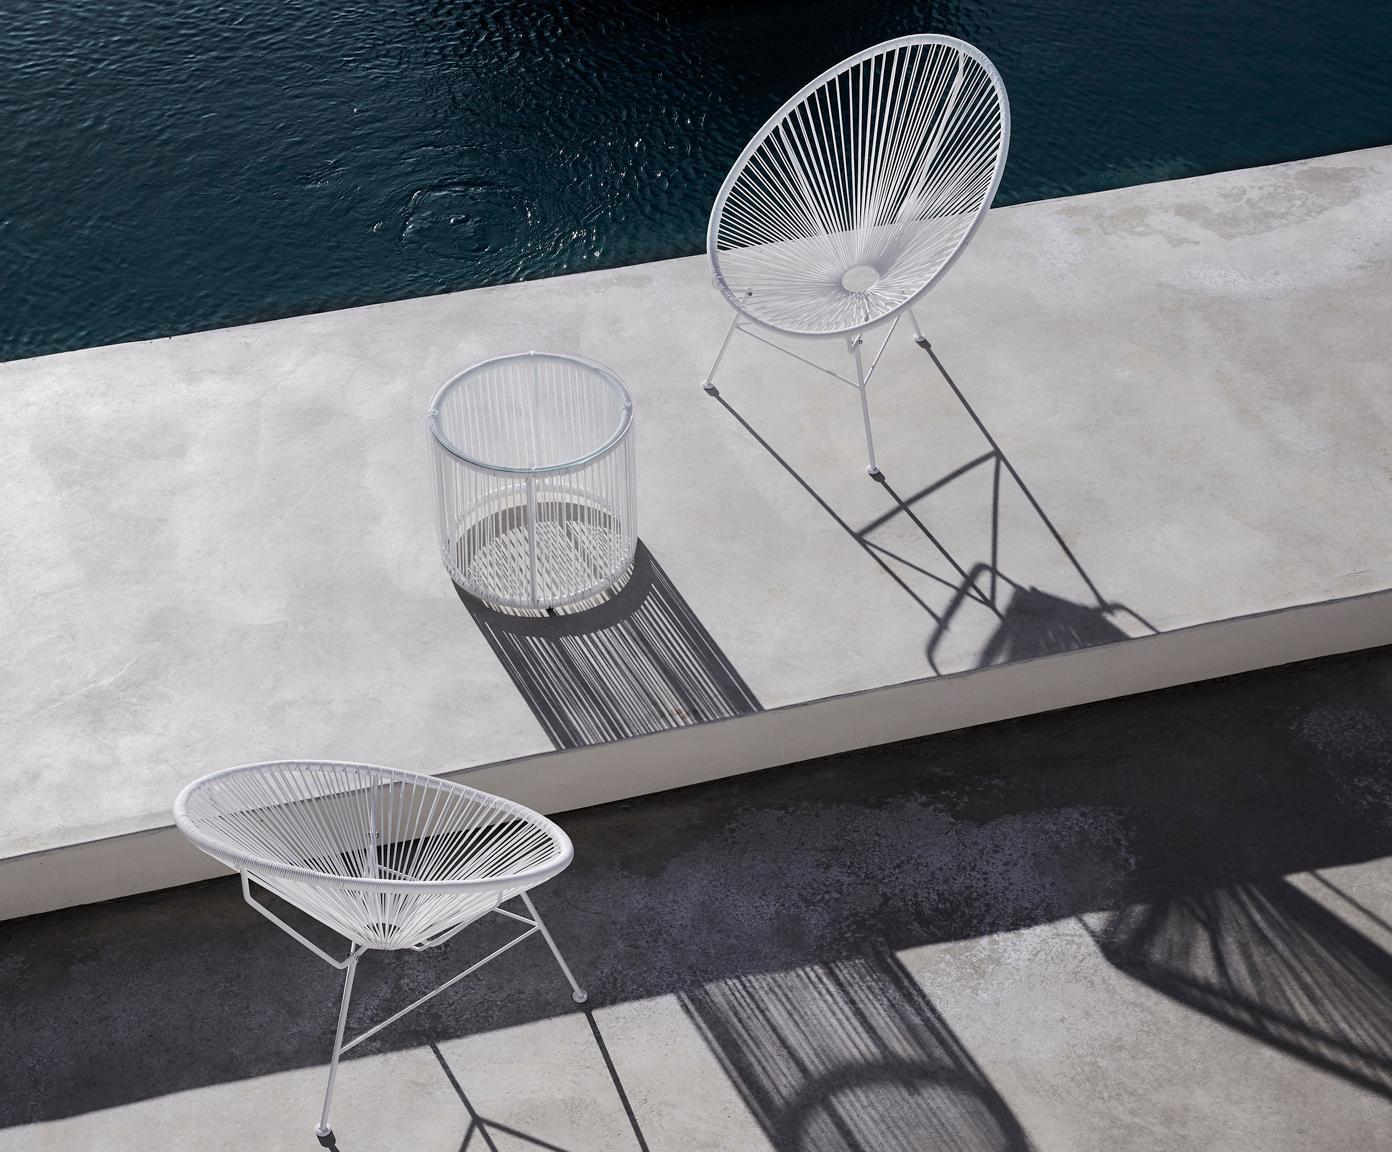 Beistelltisch Bahia aus Kunststoff-Geflecht, Tischplatte: Glas, Stärke, Gestell: Aluminium, pulverbeschich, Weiß, Ø 50 x H 45 cm